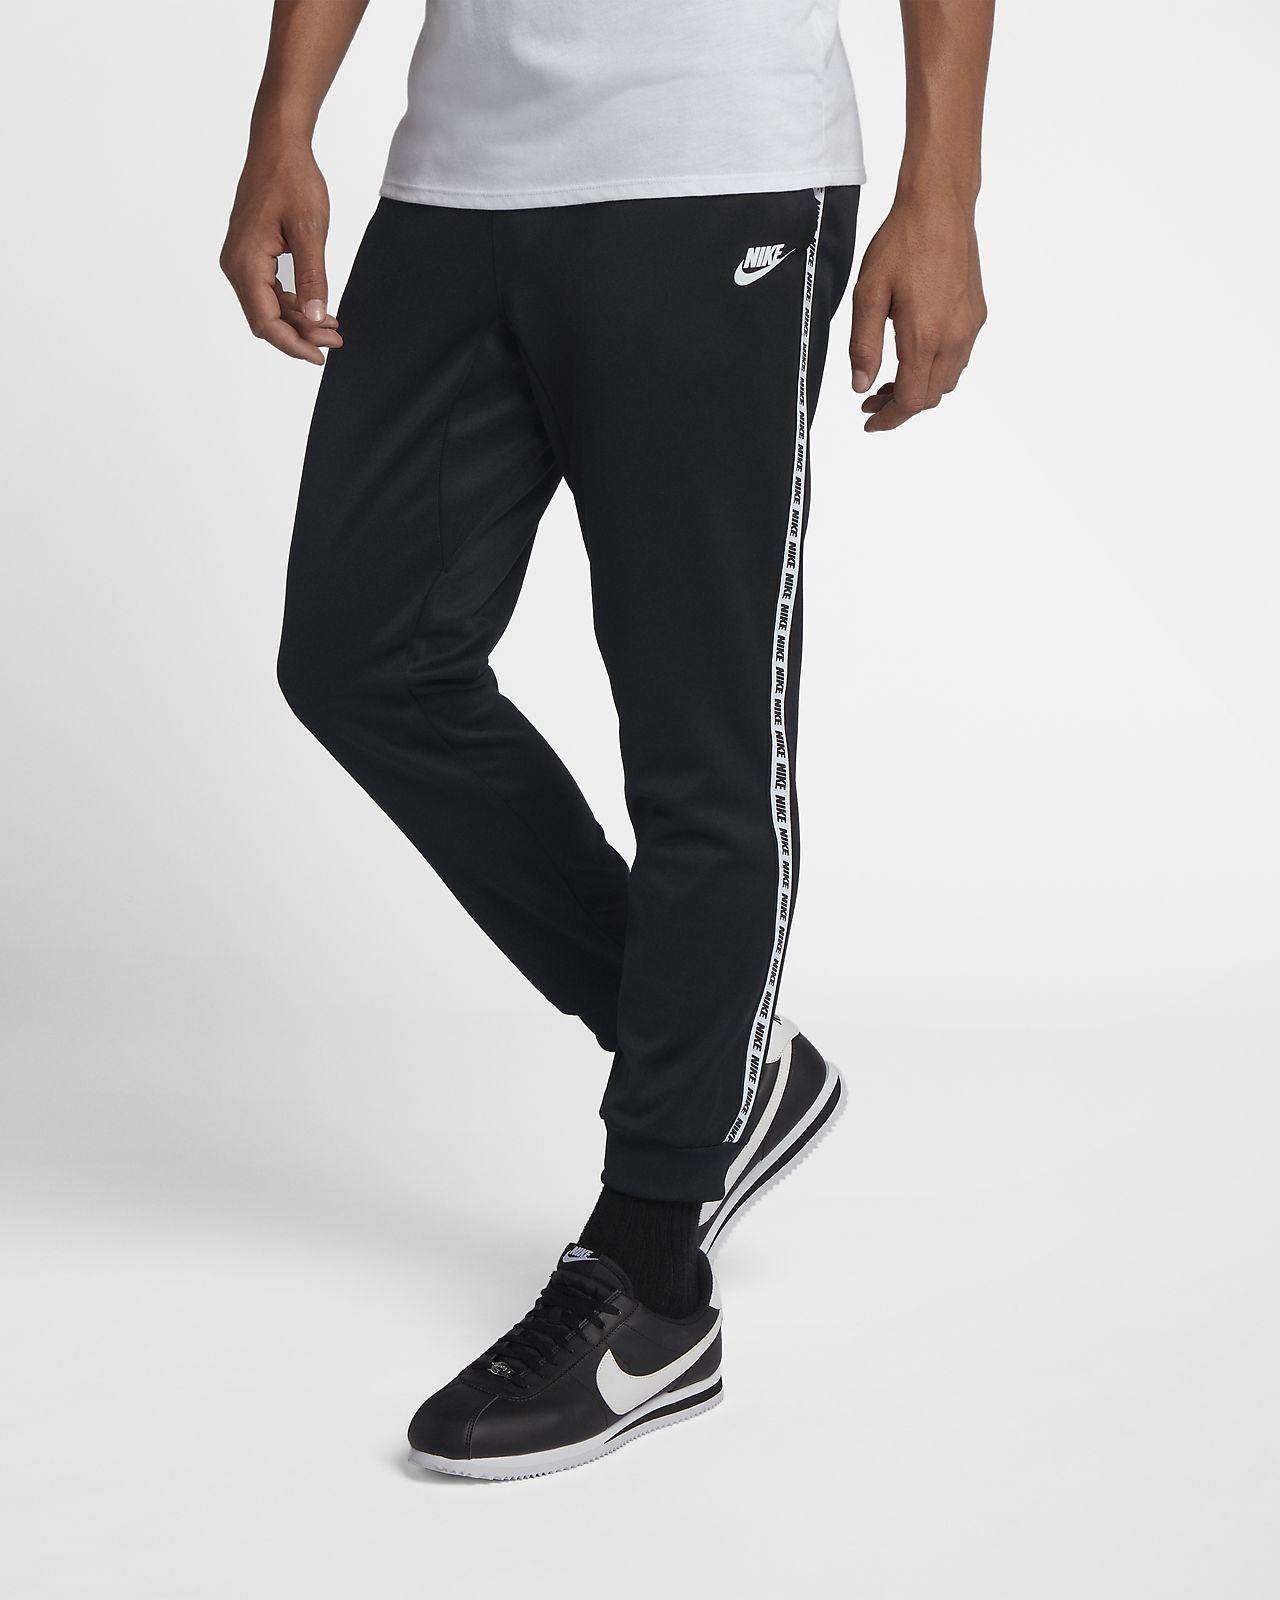 Nike Sportswear Men's Trousers